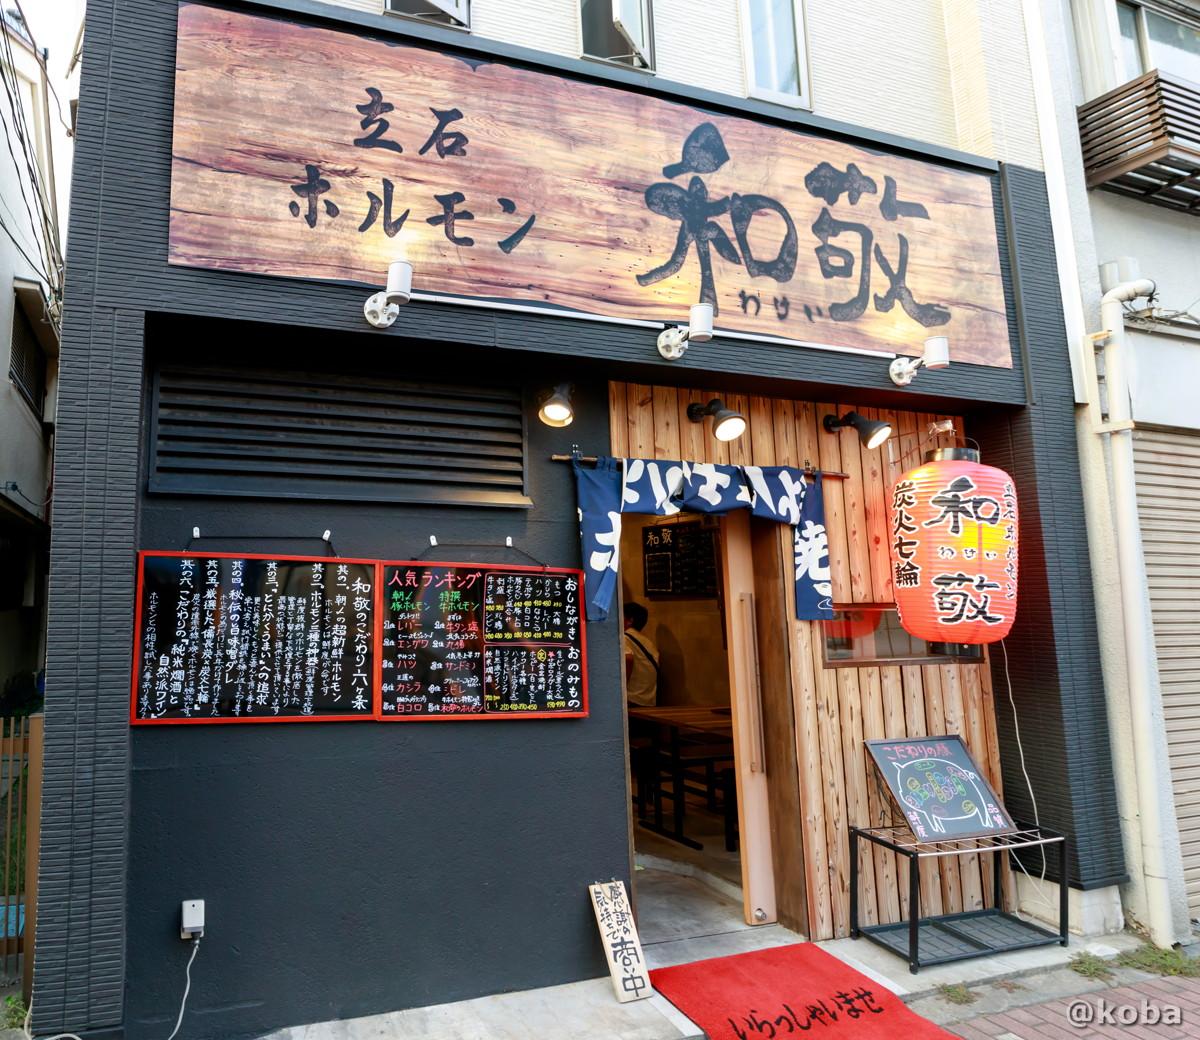 外観の写真 和敬 (わけい)ホルモン 焼肉 東京都葛飾区・立石 ブログ